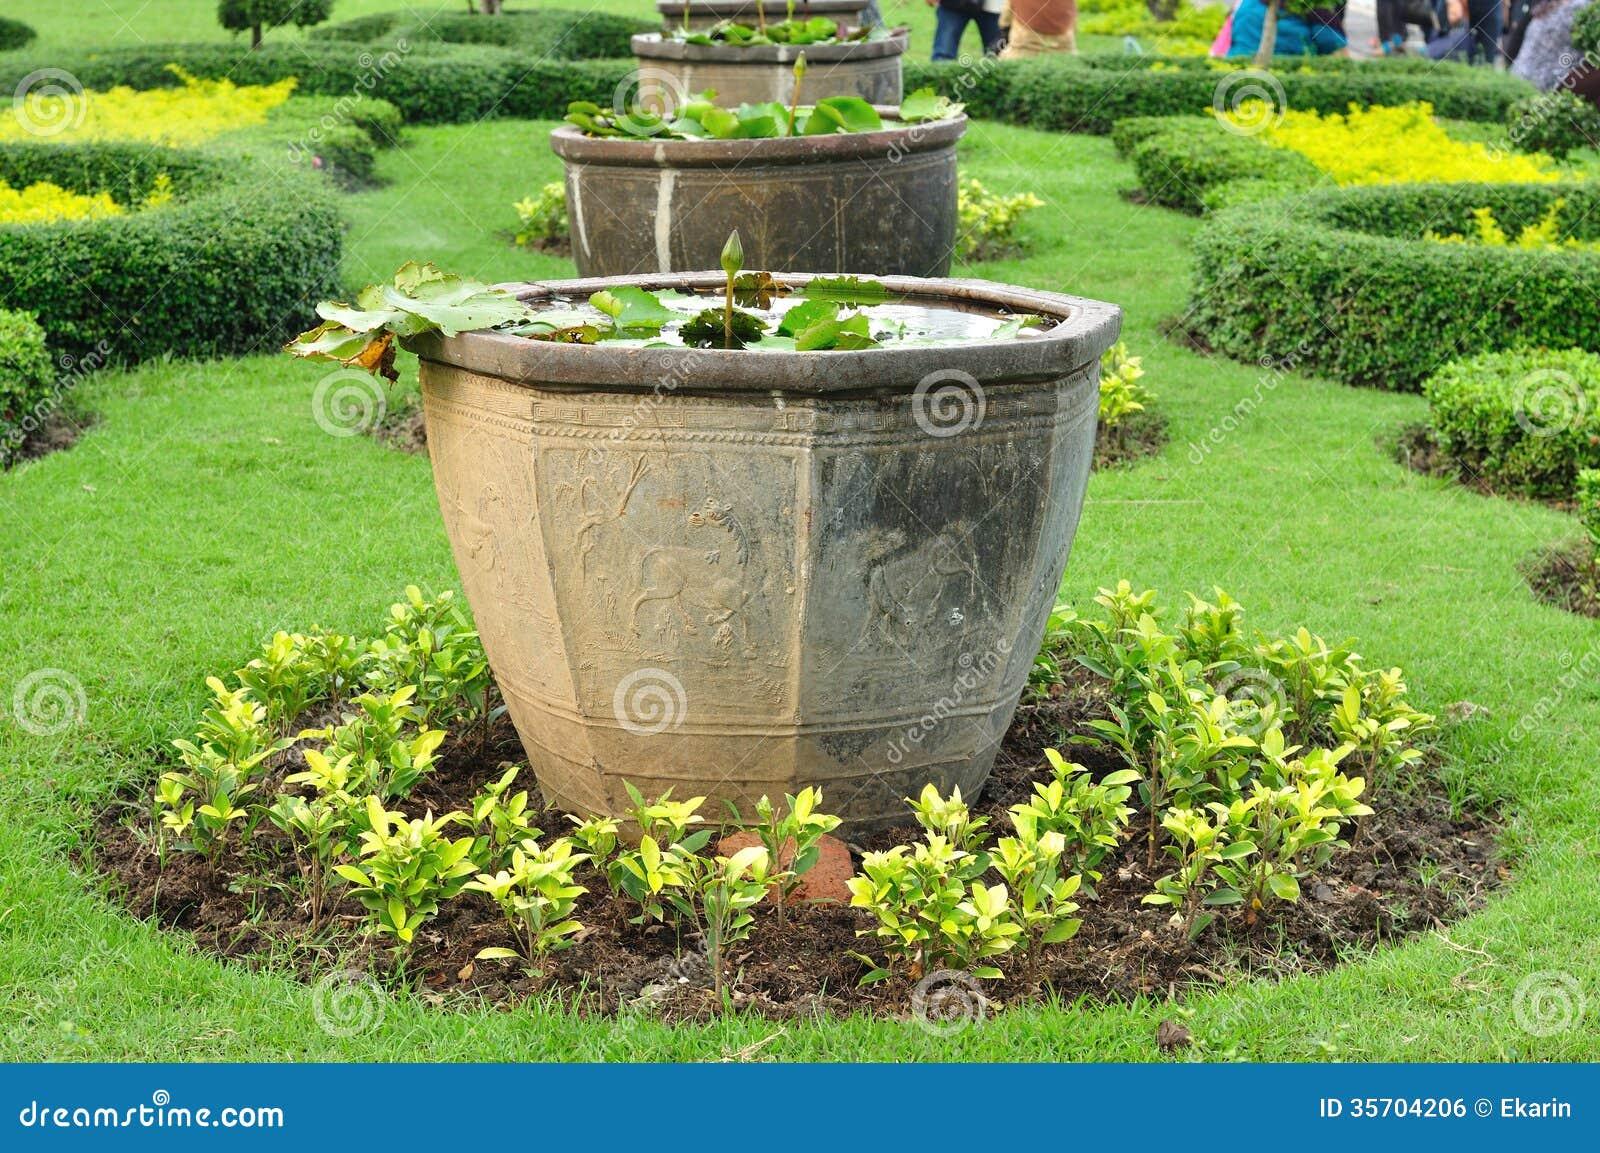 Grands pots chinois d 39 usine dans le jardin public image for Conception jardin chinois